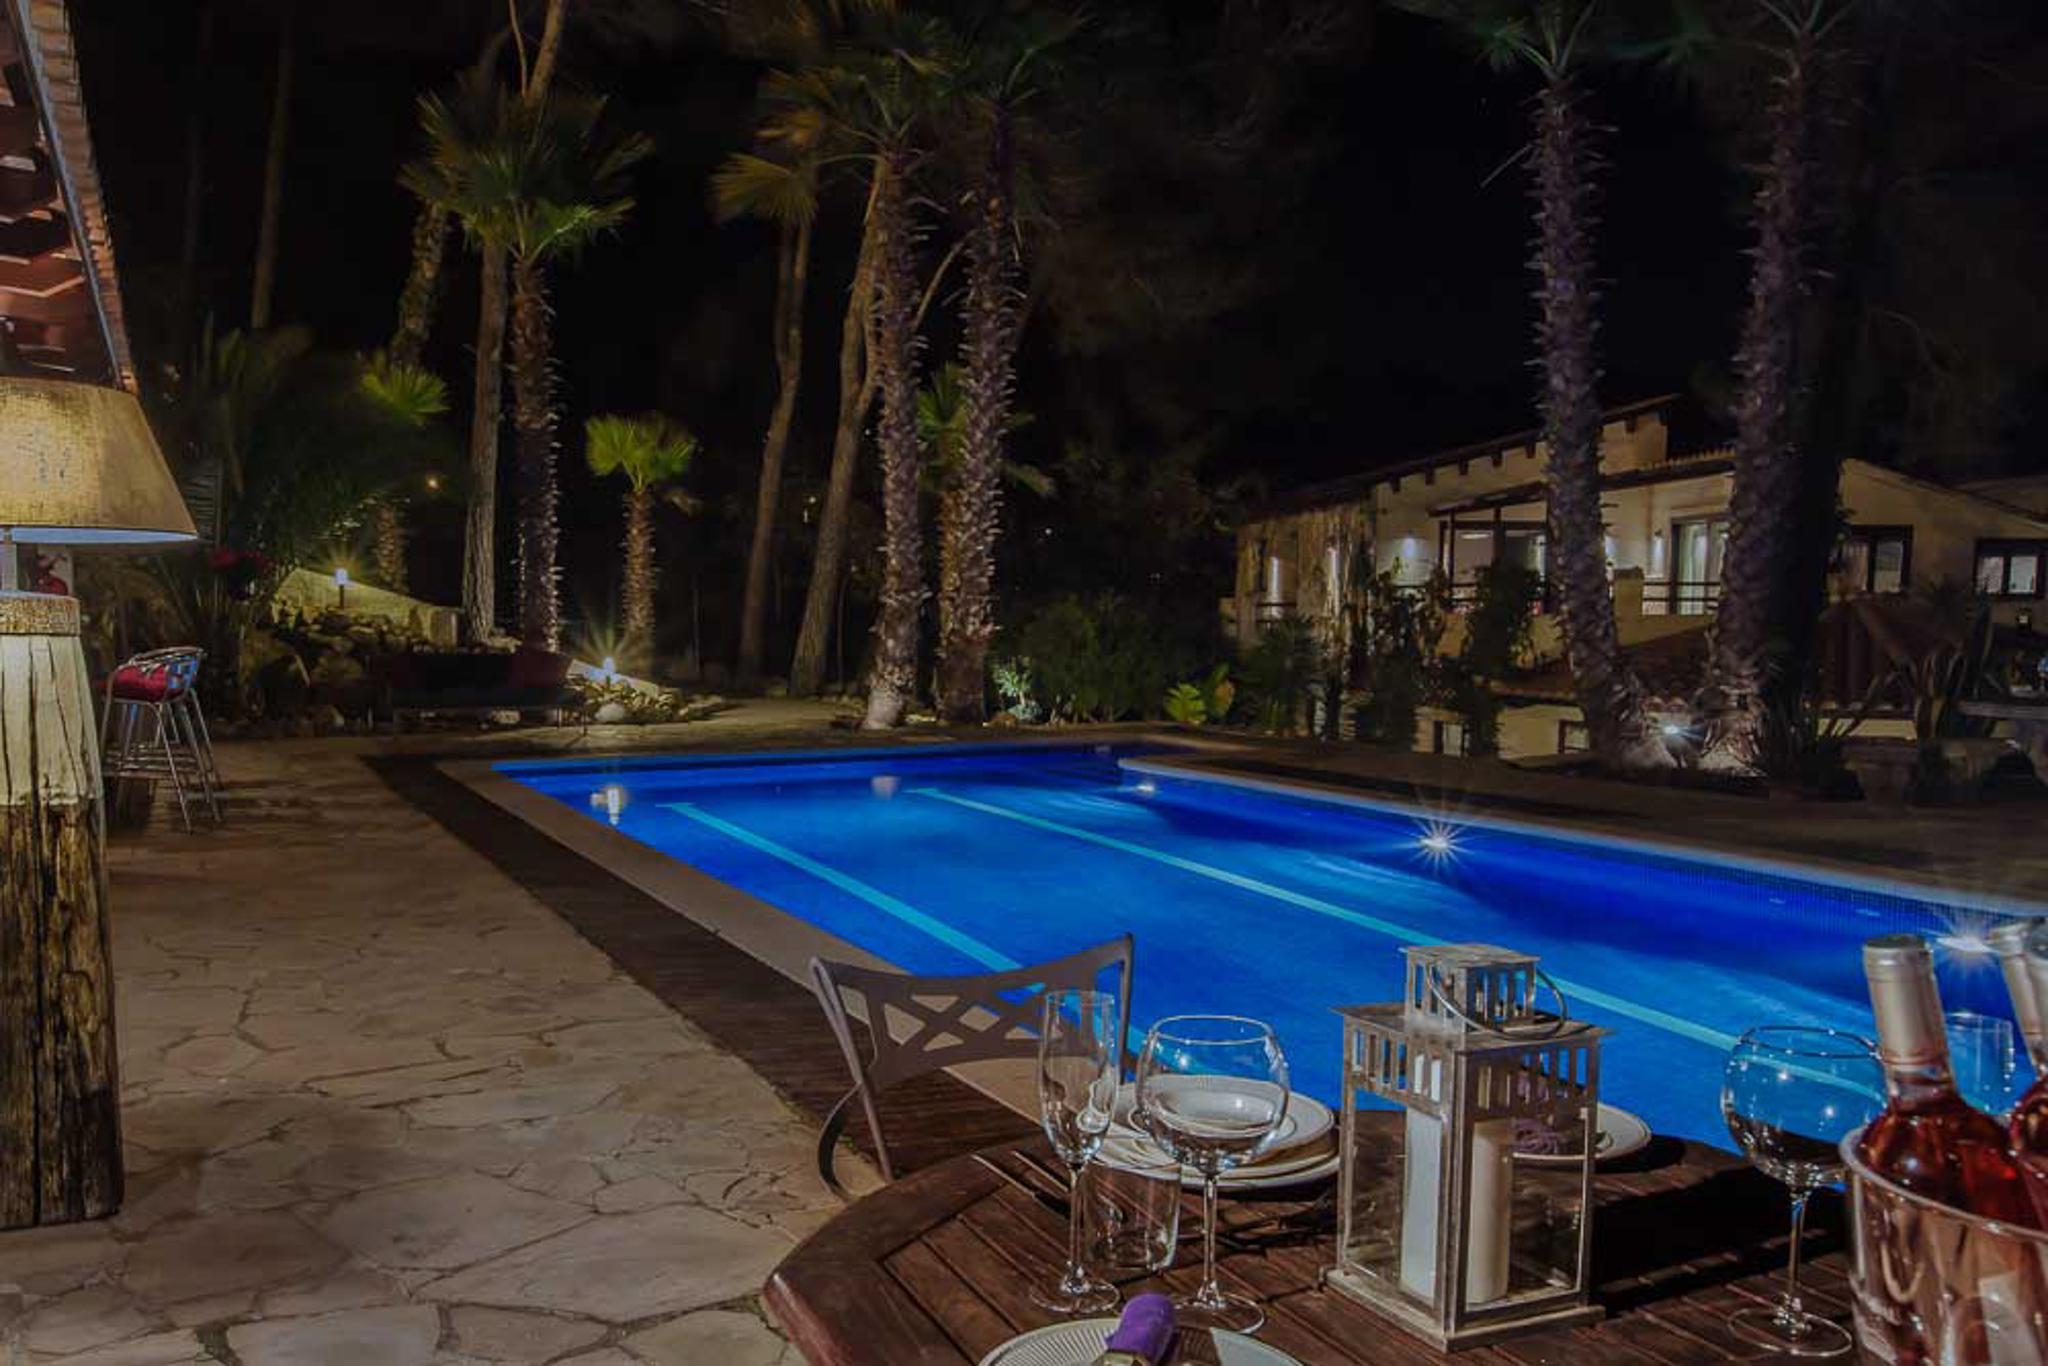 Ferienhaus Villa Palmera, Paradies in der Nhe von Barcelona, luxurise Villa fr 22 Personen (2379177), Olivella, Costa del Garraf, Katalonien, Spanien, Bild 16